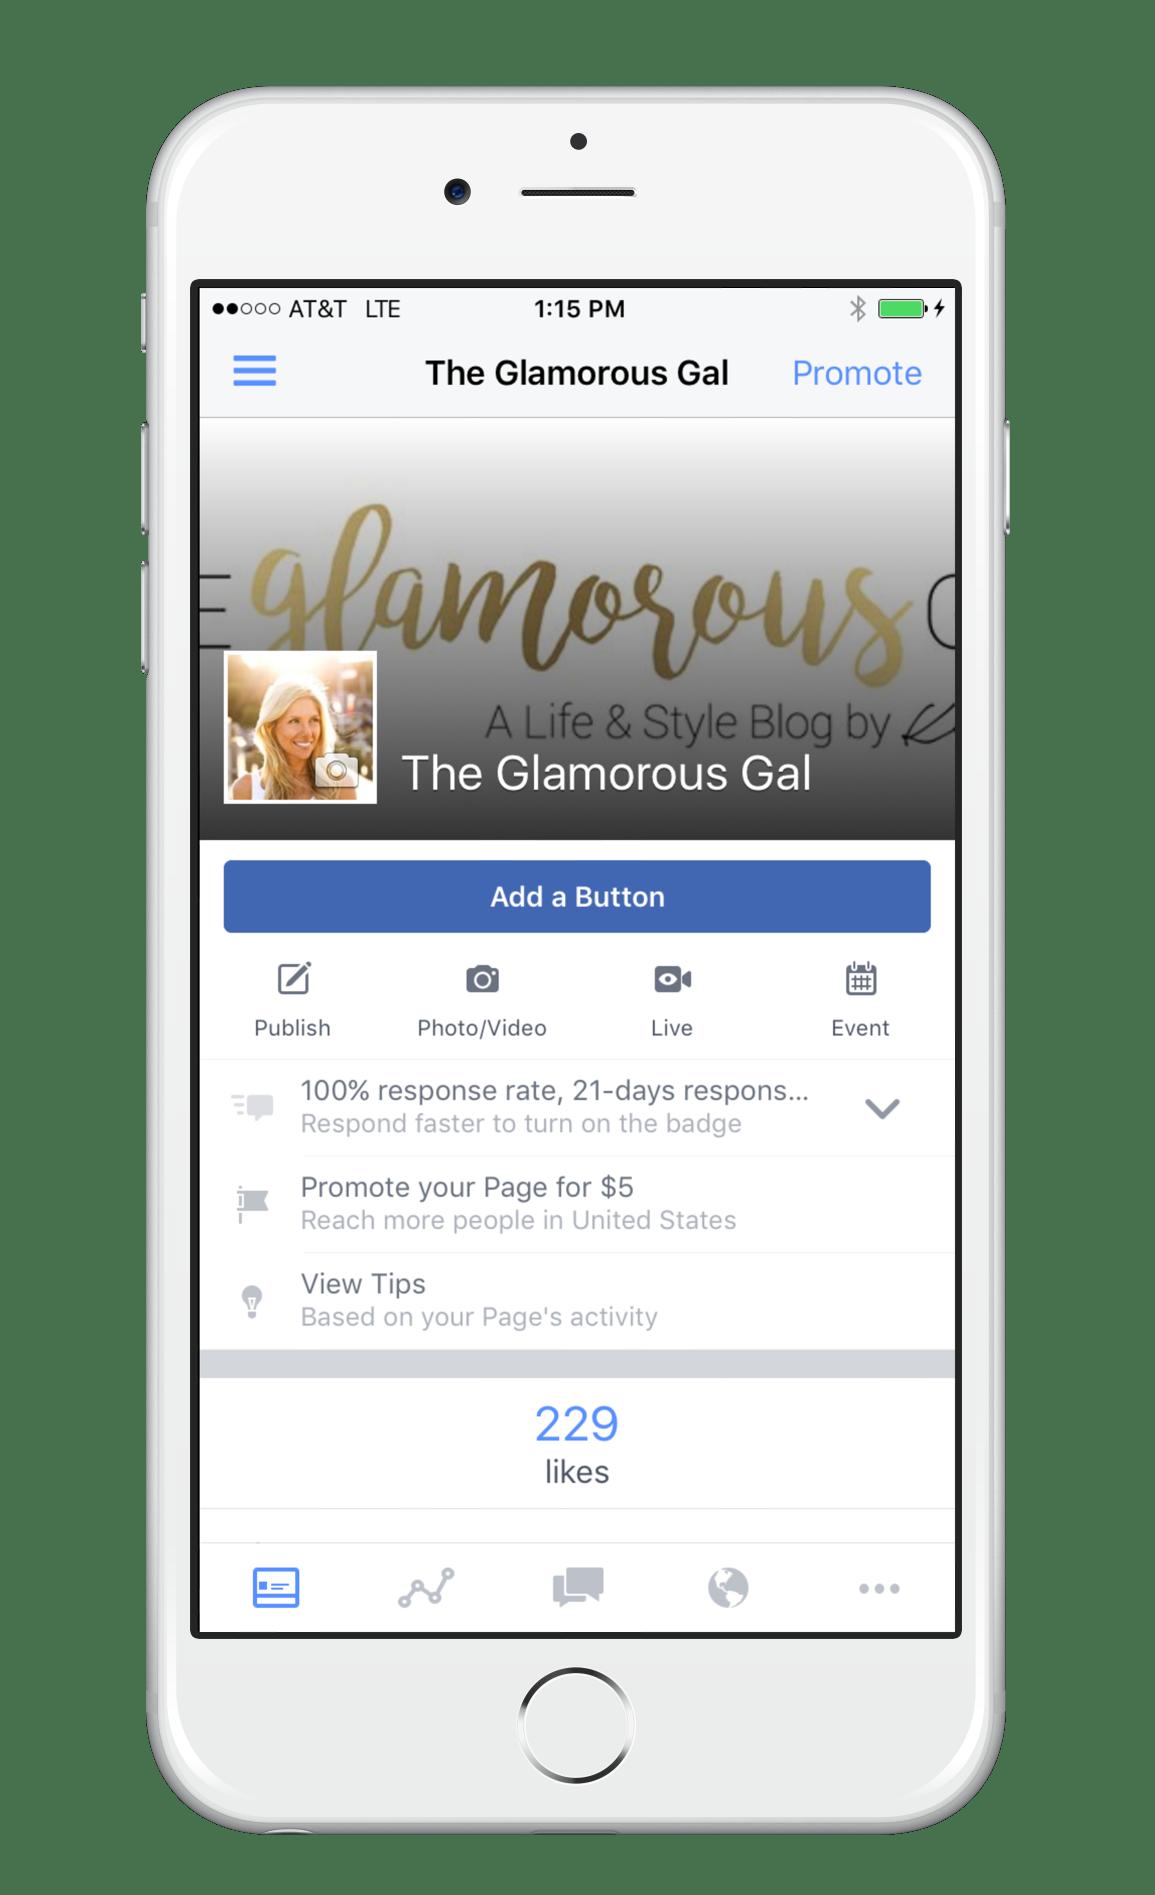 Facebook rebrand and rename